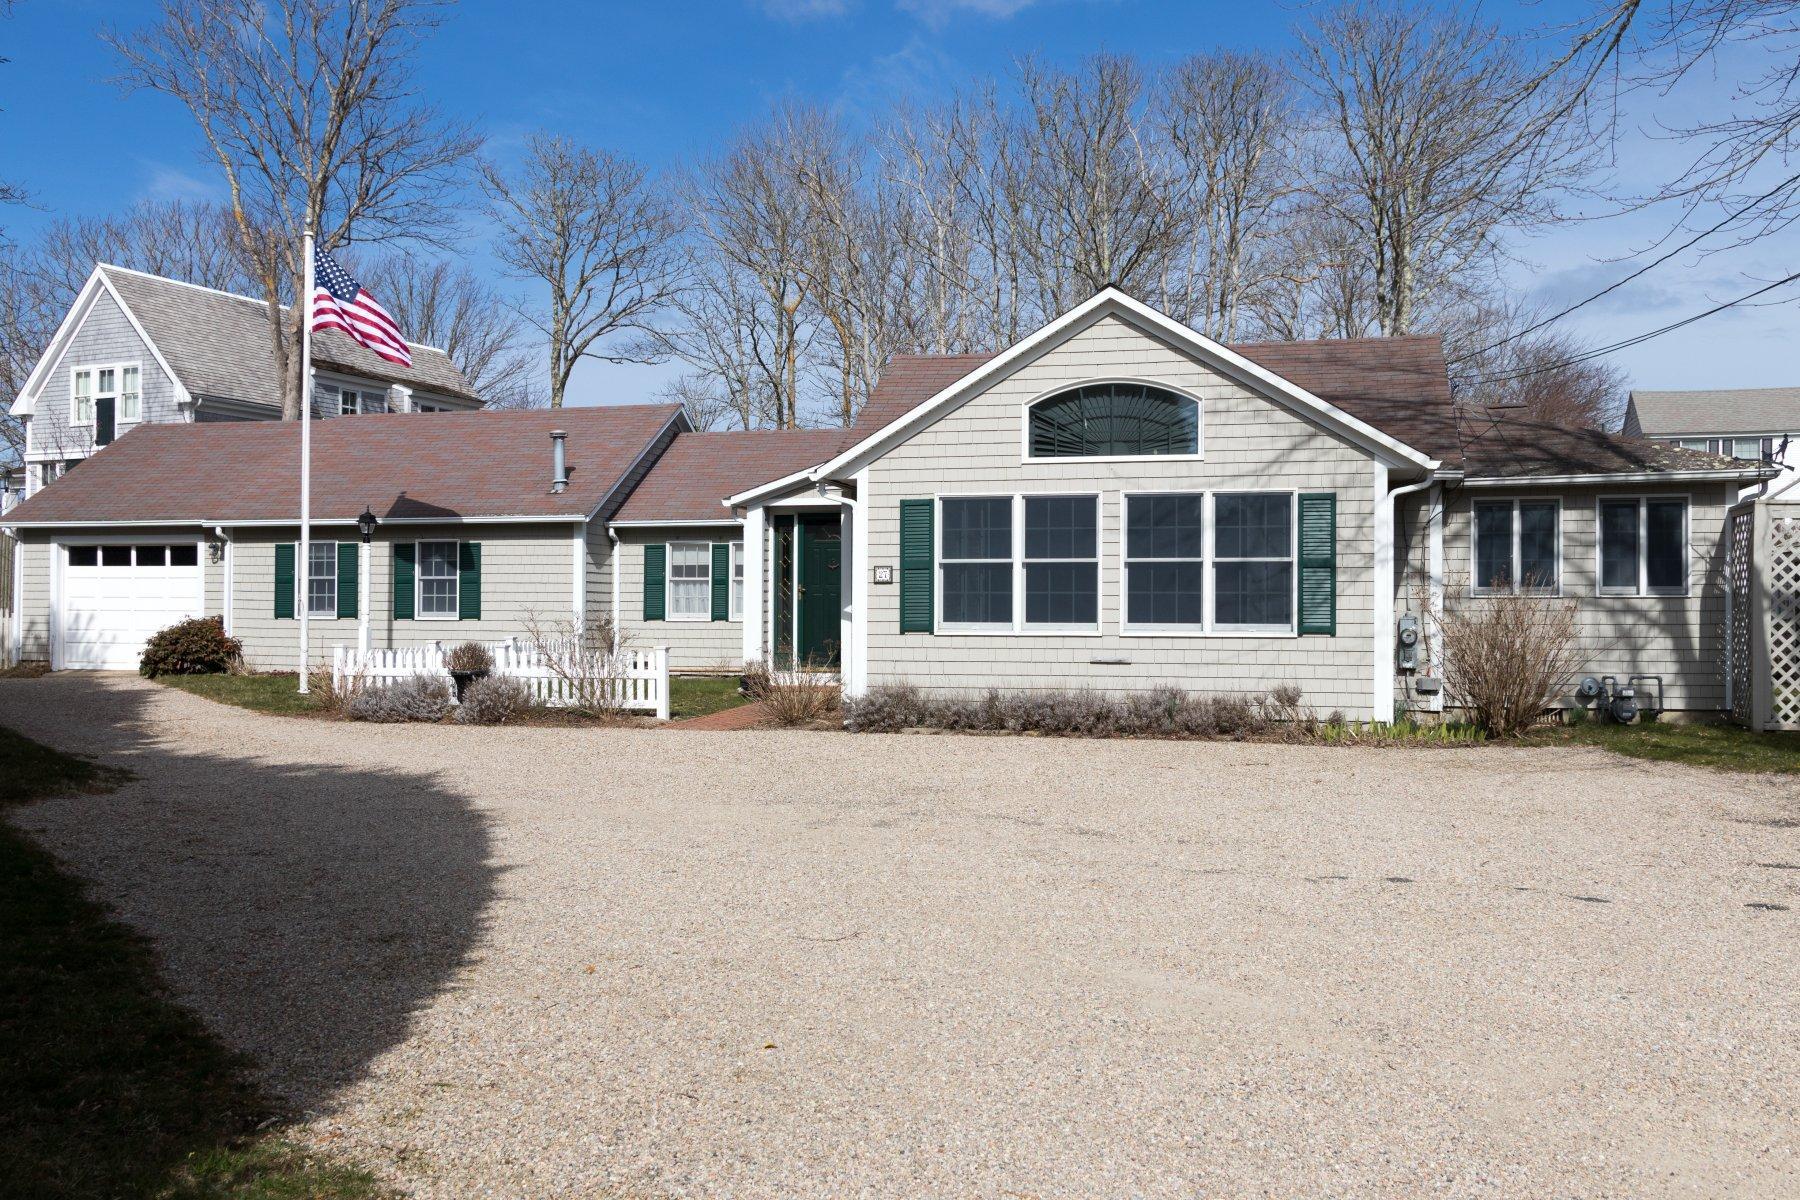 Частный односемейный дом для того Продажа на 27 Shattuck Place, Chatham, MA Chatham, Массачусетс, 02633 Соединенные Штаты